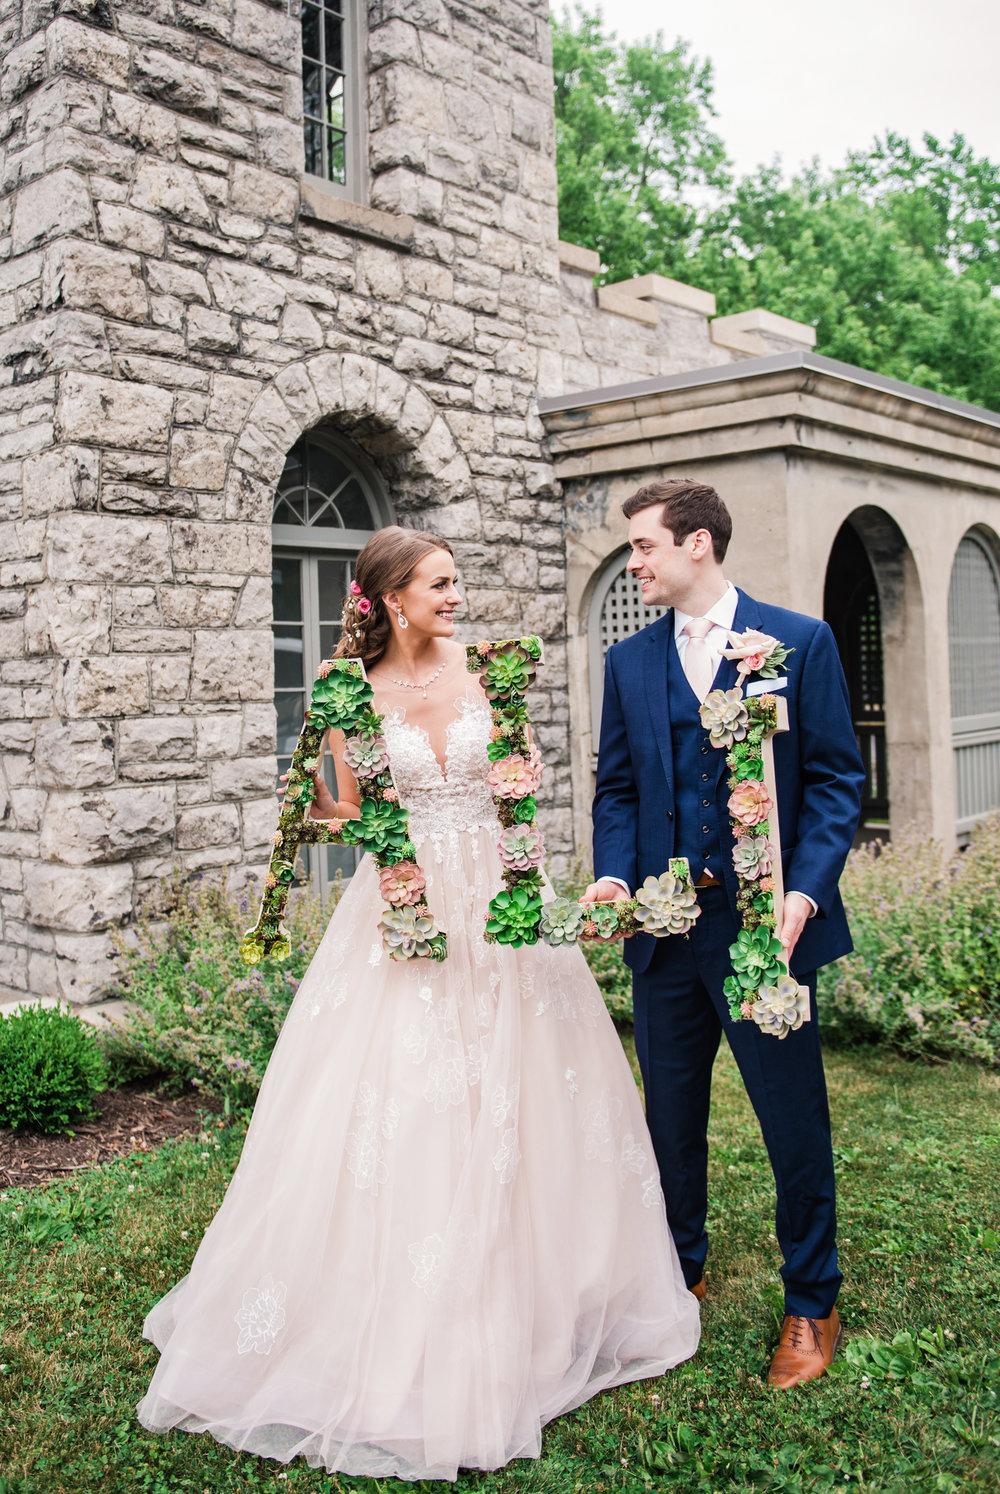 JILL_STUDIO_Wedding_JILL_STUDIO_Rochester_NY_Photographer_12-Sonnenberg_GardensFinger_Lakes_Wedding_JILL_STUDIO_Rochester_NY_Photographer_182851.jpg